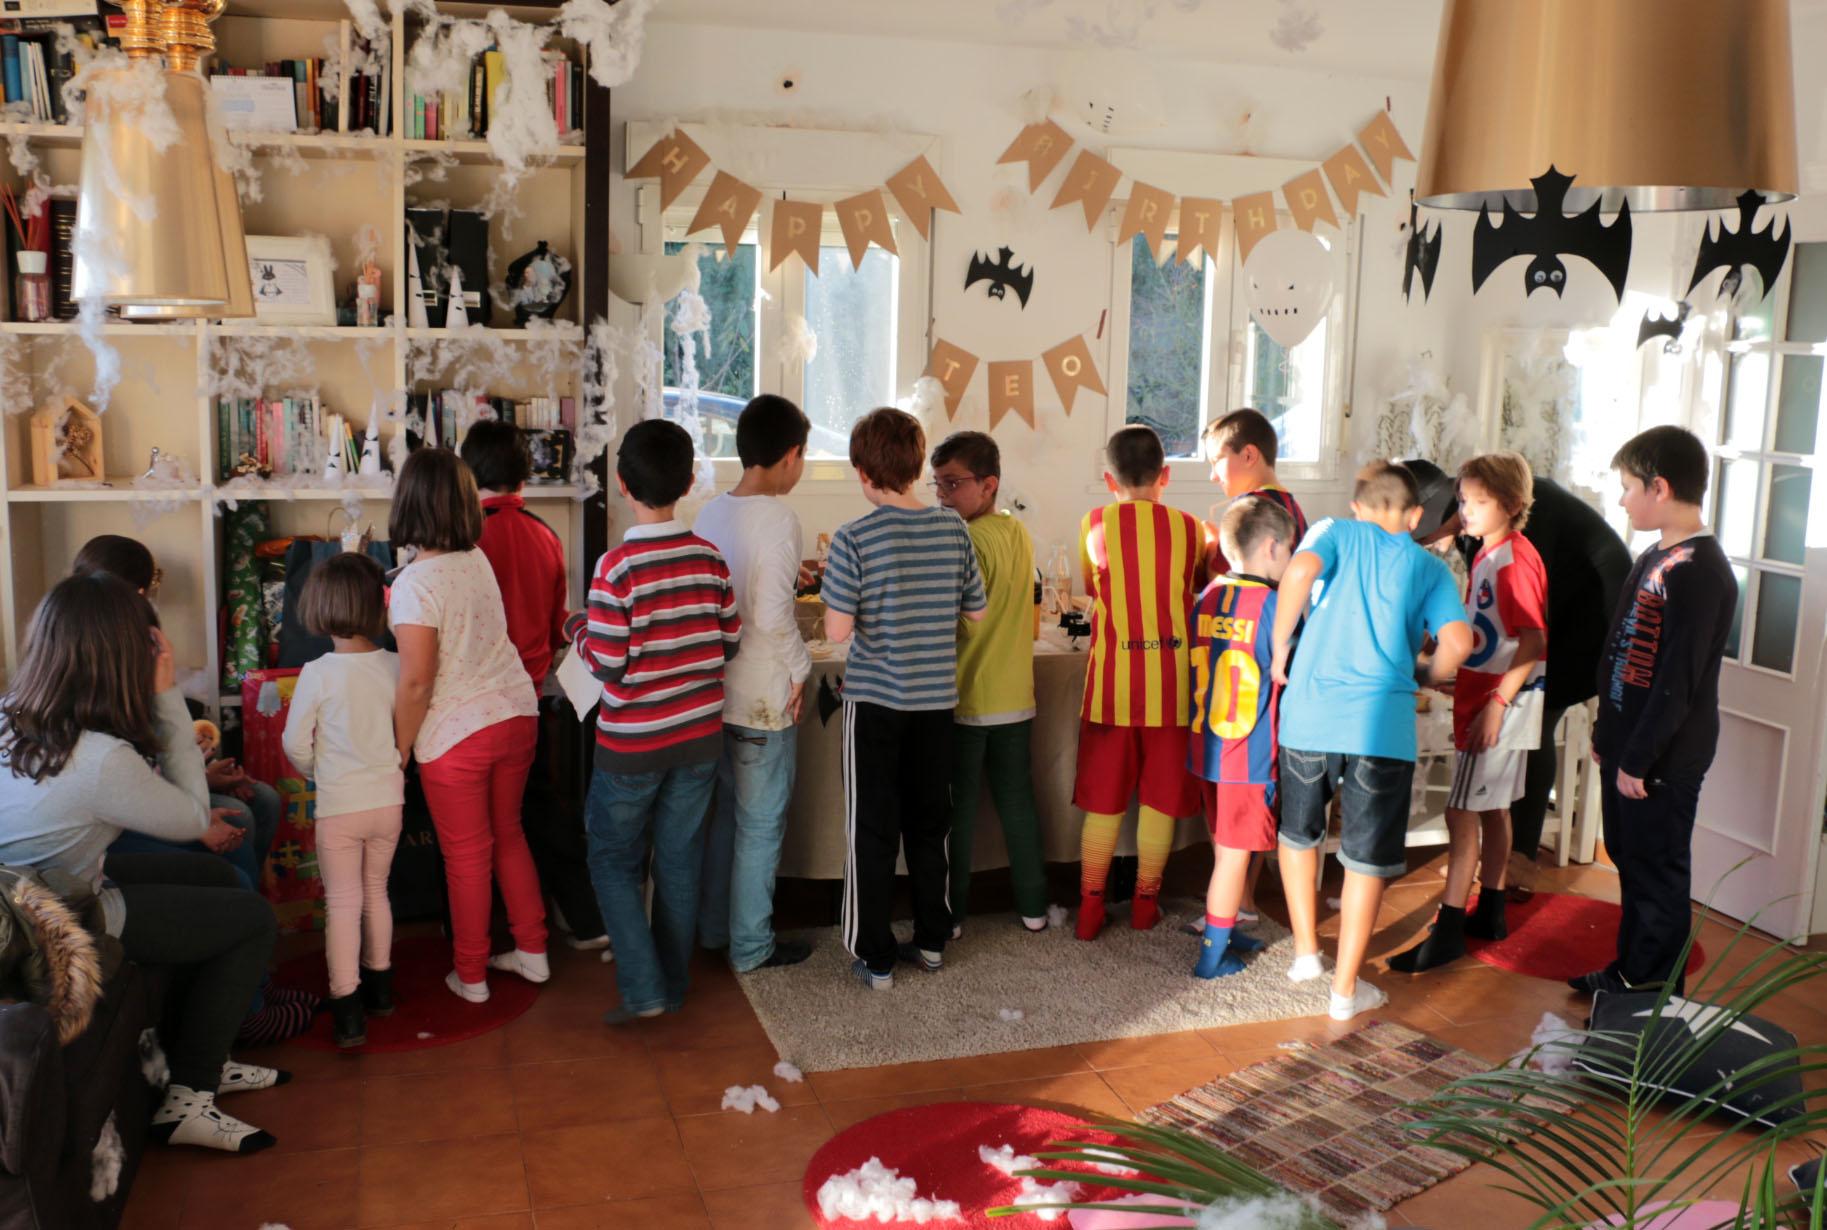 Un cumplea os para ni os de 10 a os comparte mi moda for Decoracion cumpleanos nino 6 anos